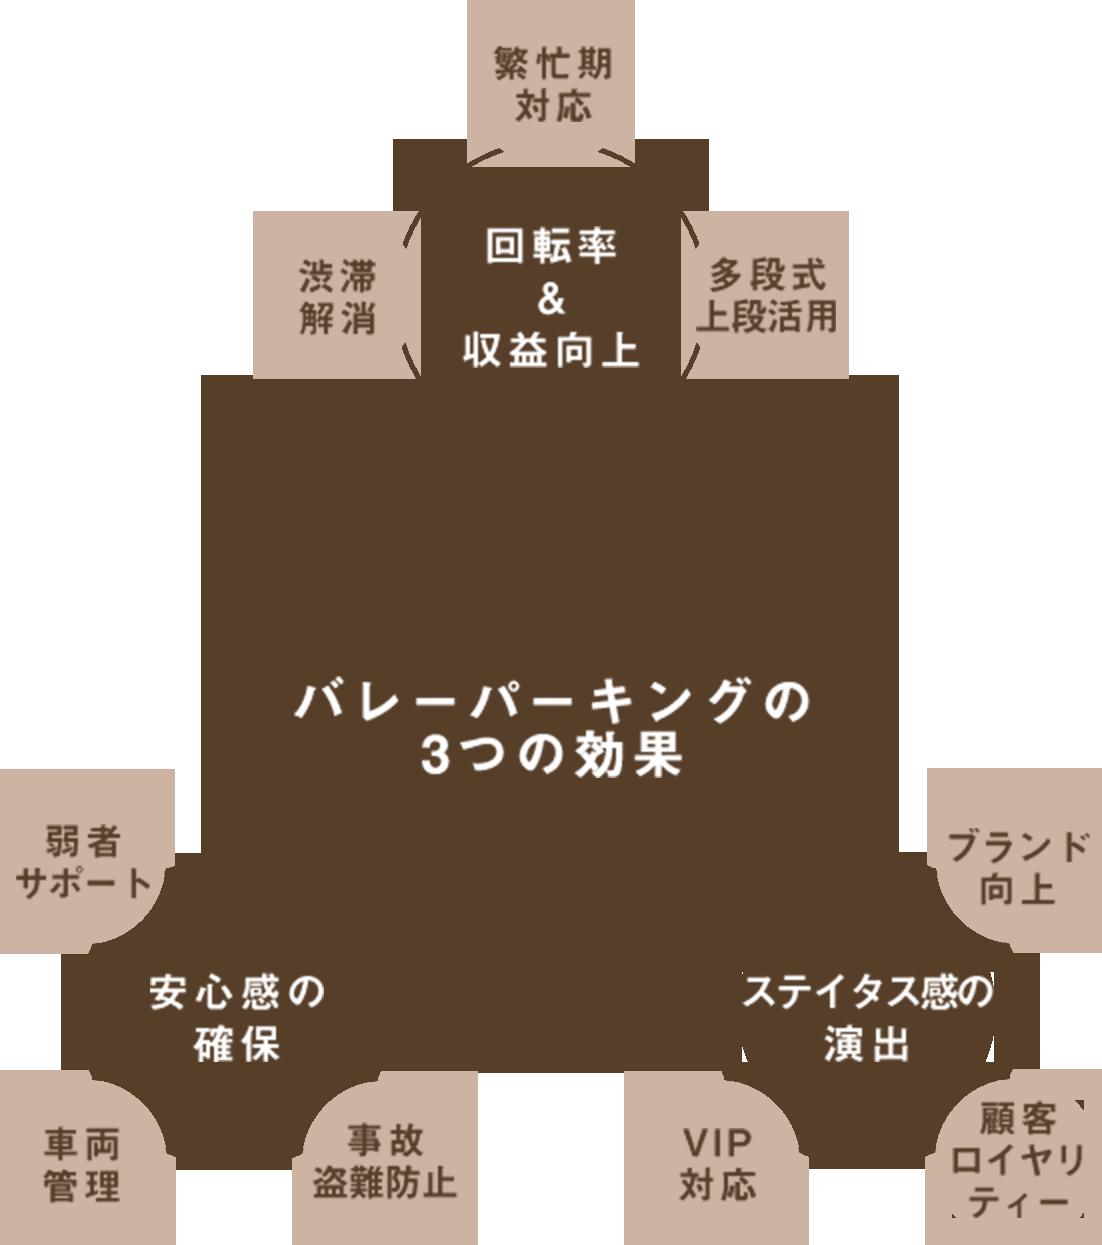 バレーパーキング導入の3つの効果